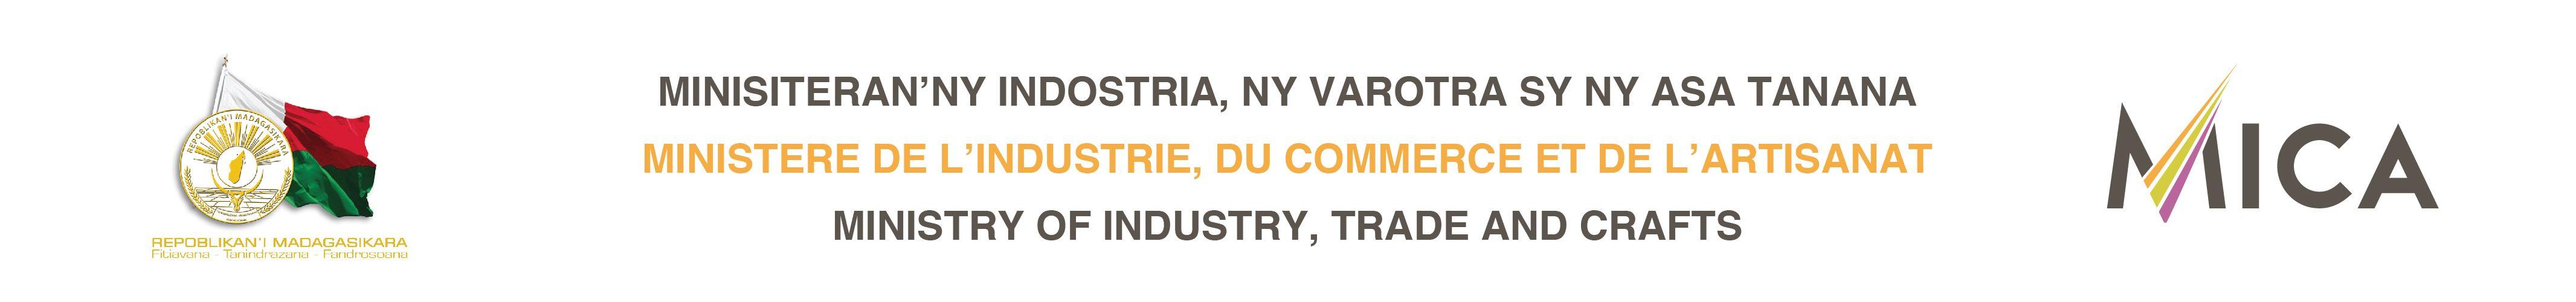 MICA – Ministère de l'Industrie, du Commerce et de l'Artisanat